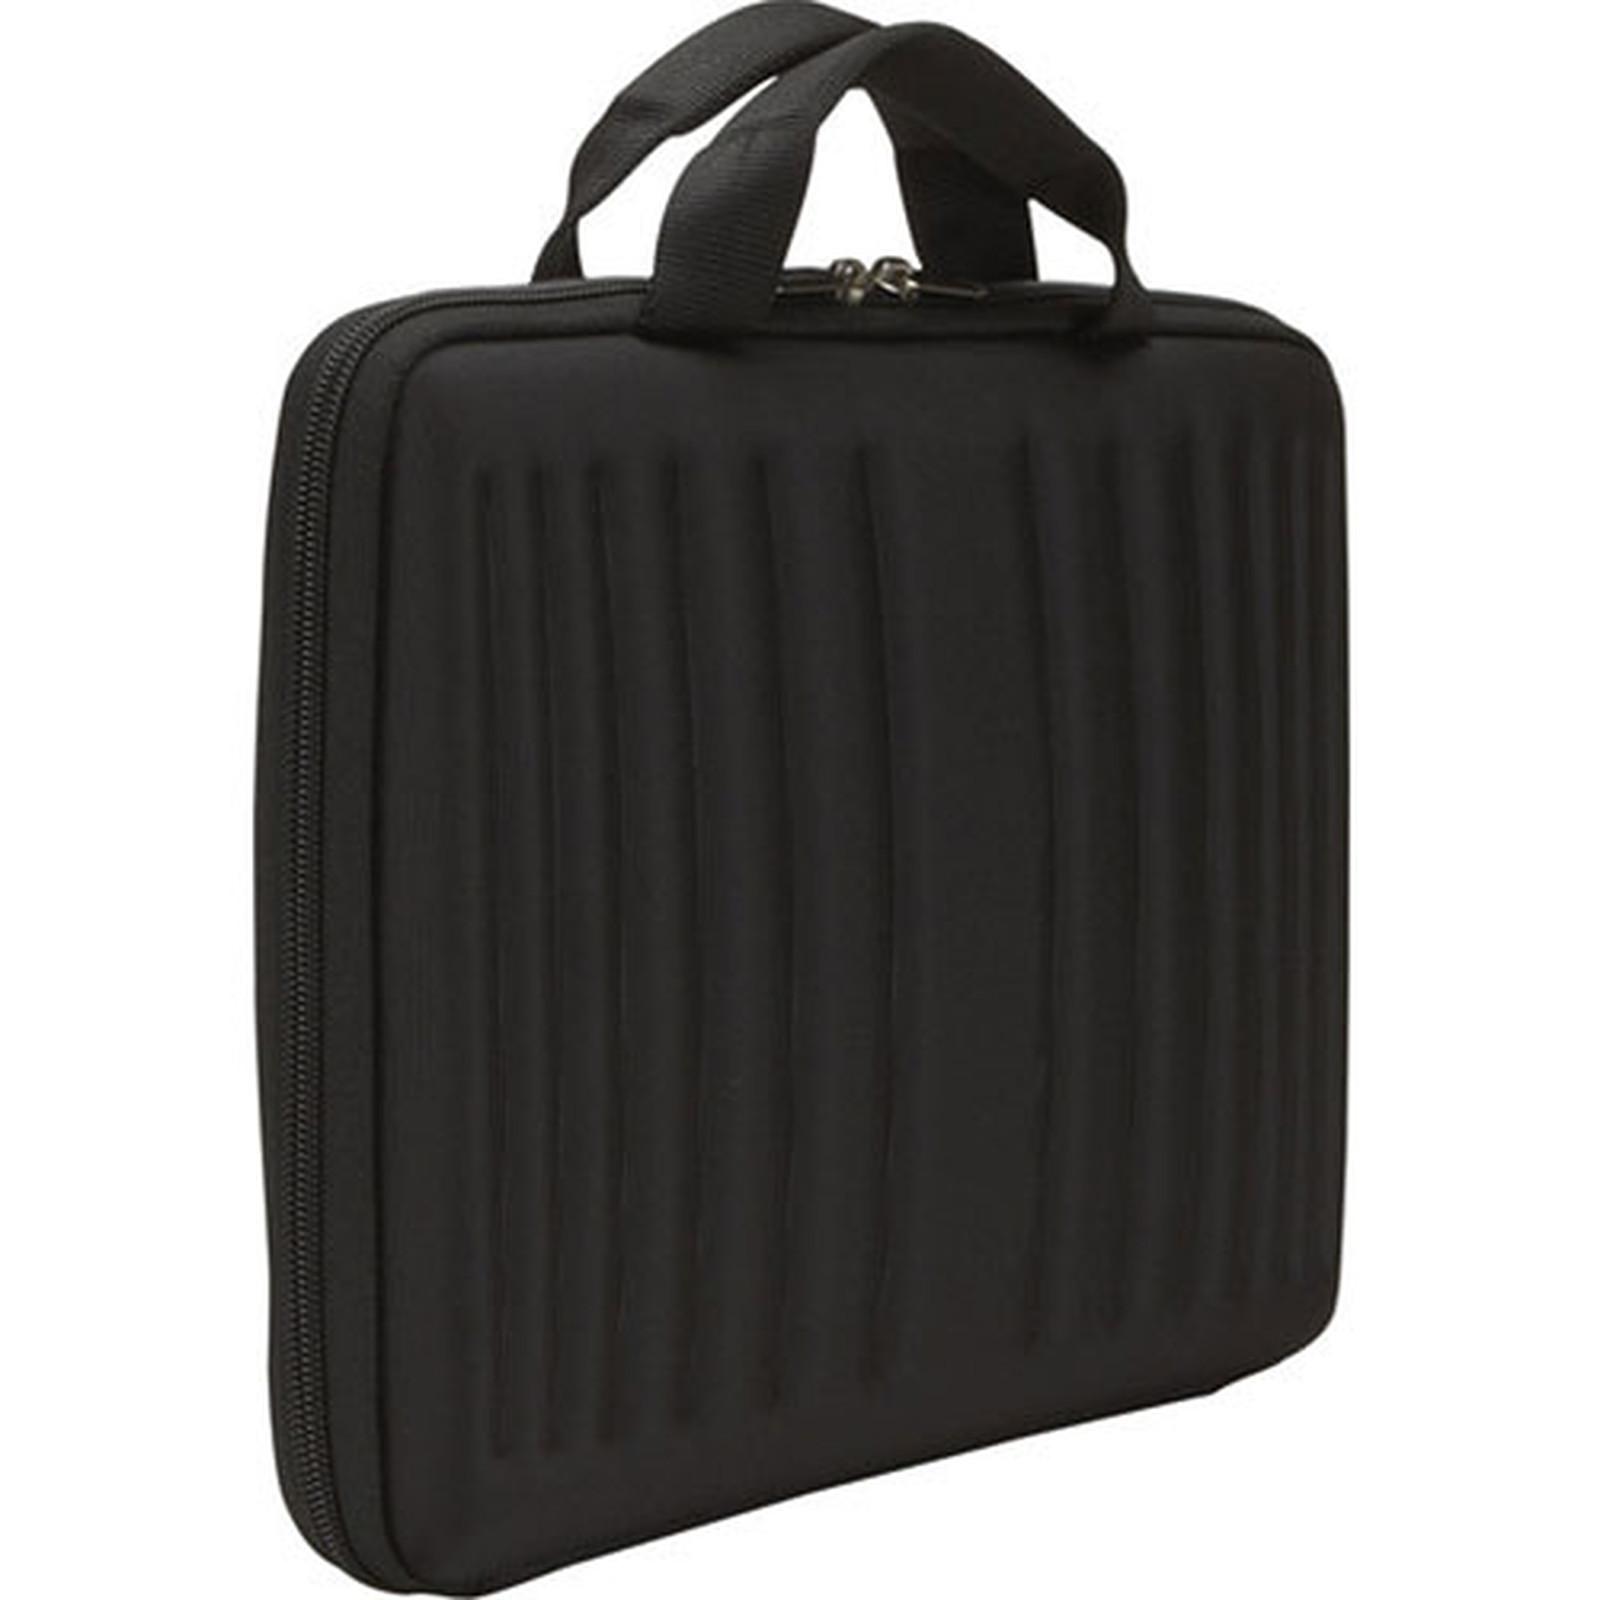 b43ead4caf Case Logic QNS-111 - Sac, sacoche, housse Case Logic sur LDLC.com